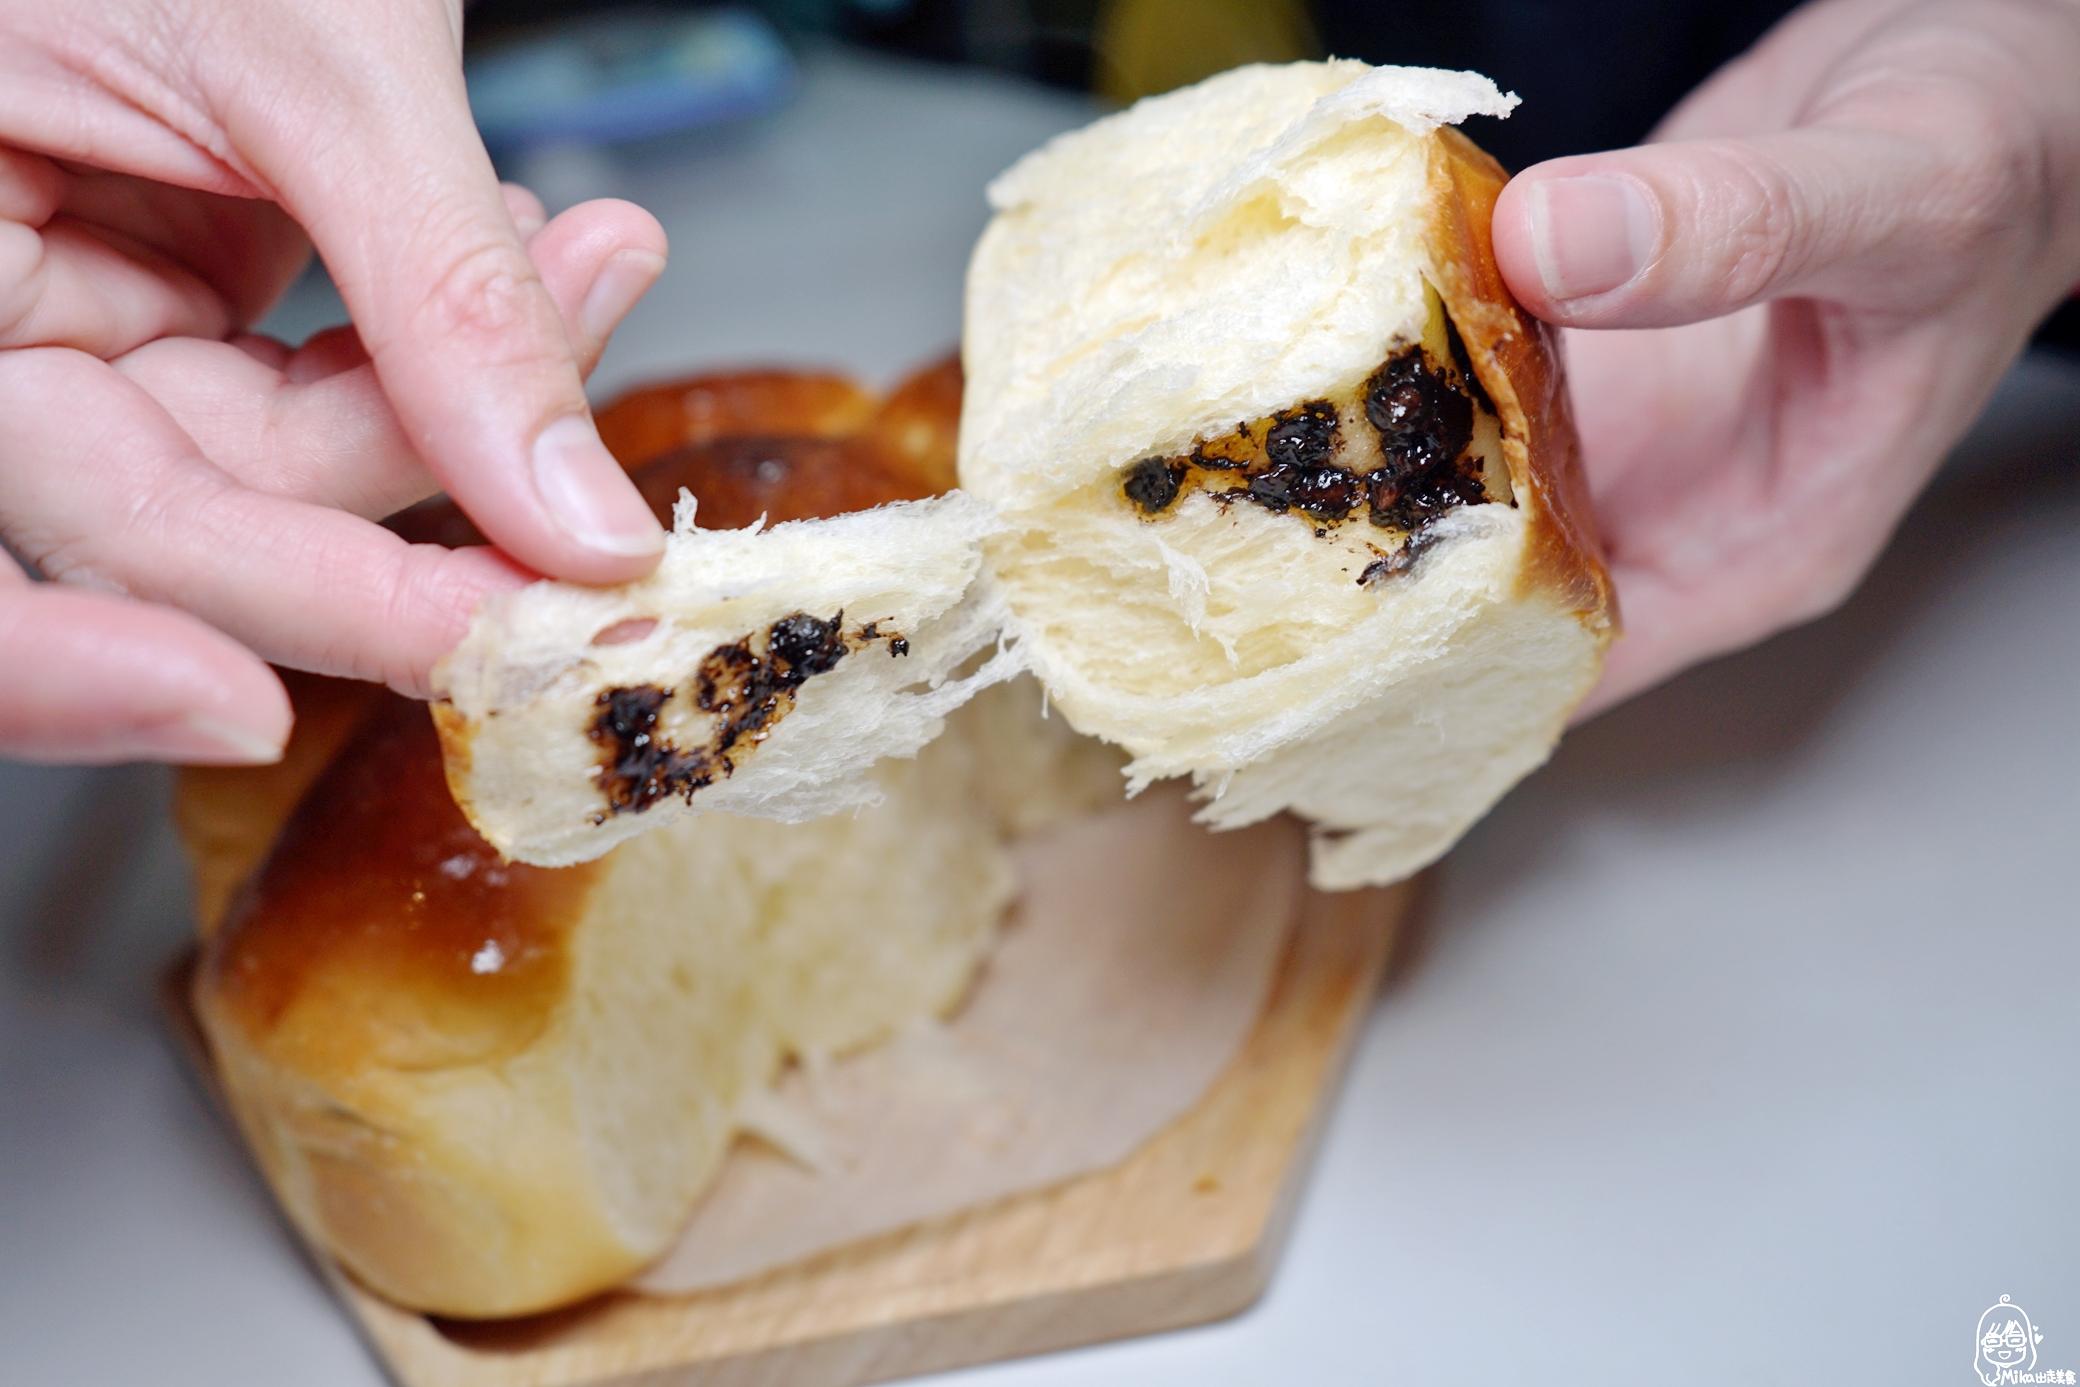 『懶人。料理』 氣炸雙味手撕麵包|芷要上菜 氣炸鍋出好料  烤麵包真的比蛋糕難度高多了!不過剛出爐那柔軟又鬆軟的層次感讓人好著迷,而且自己做真的很安心。